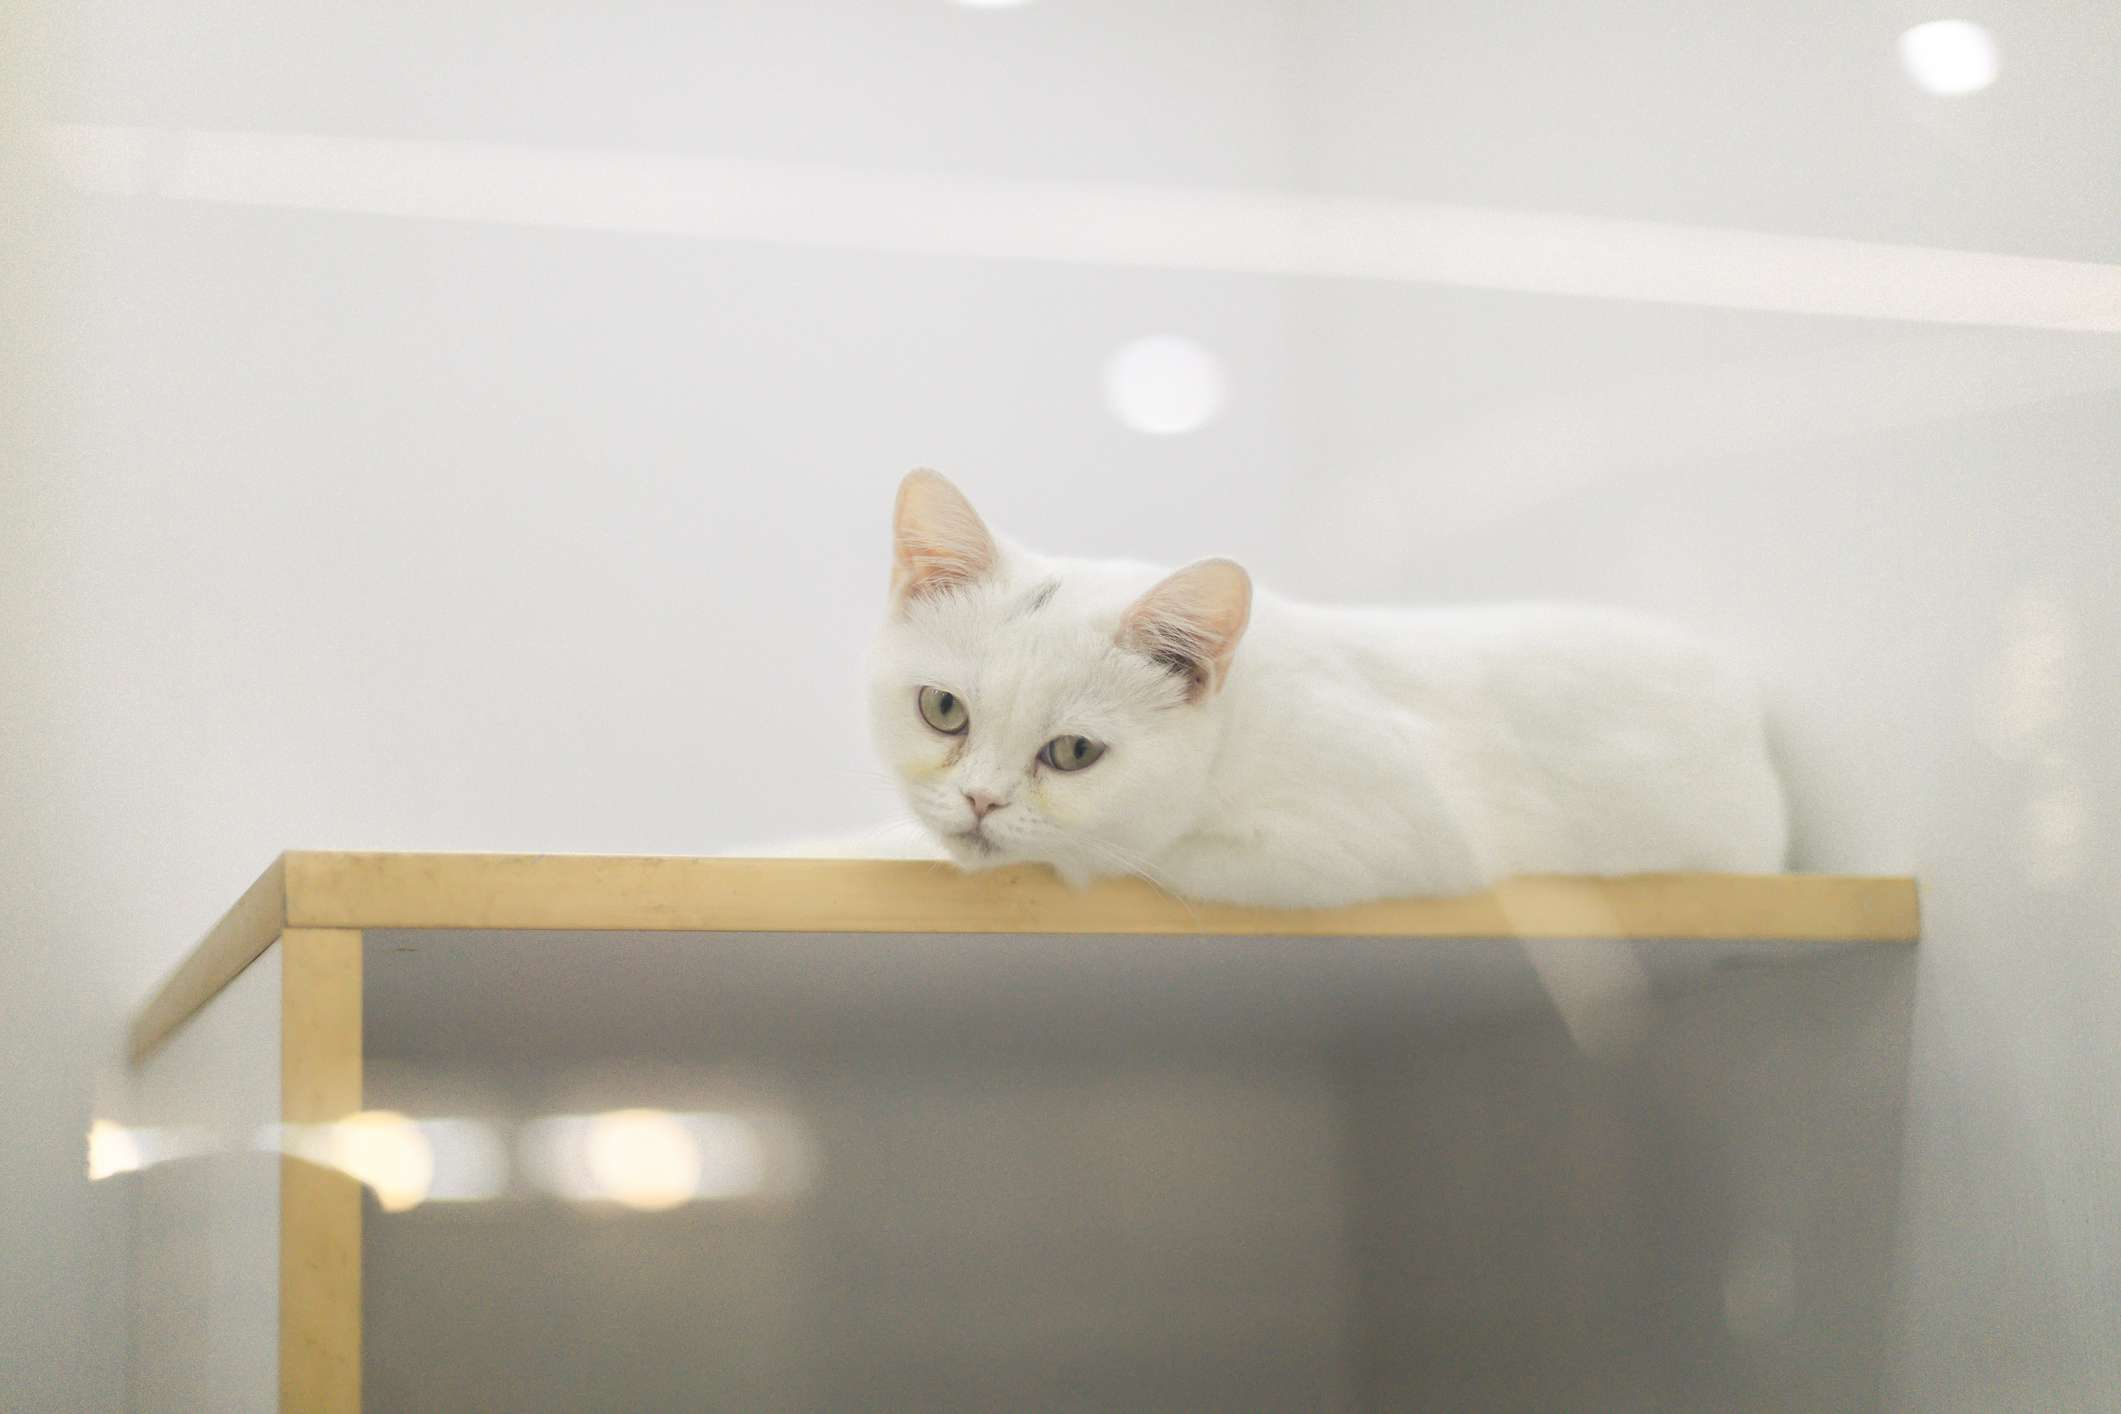 Asian (Malayan) cat